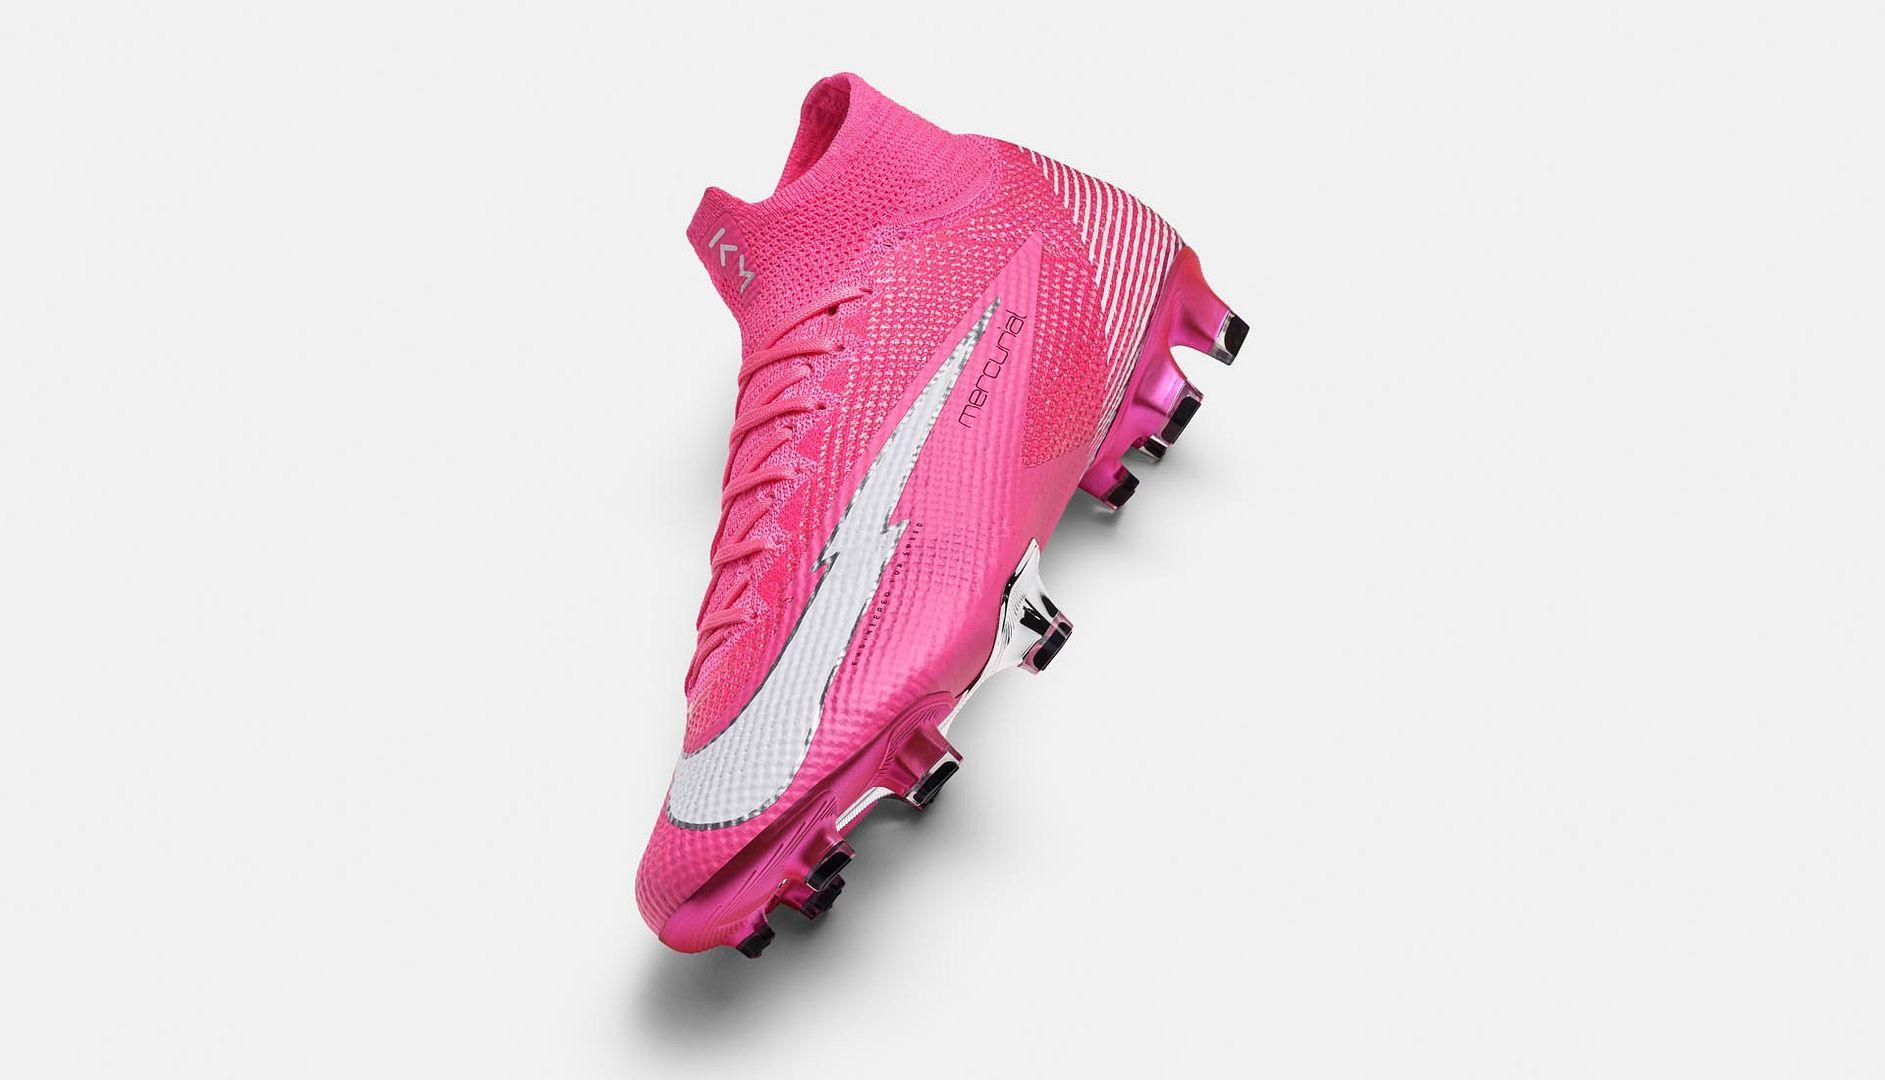 Vẻ ngoài đẹp mắt của Nike Mercurial Mbappé Rosa